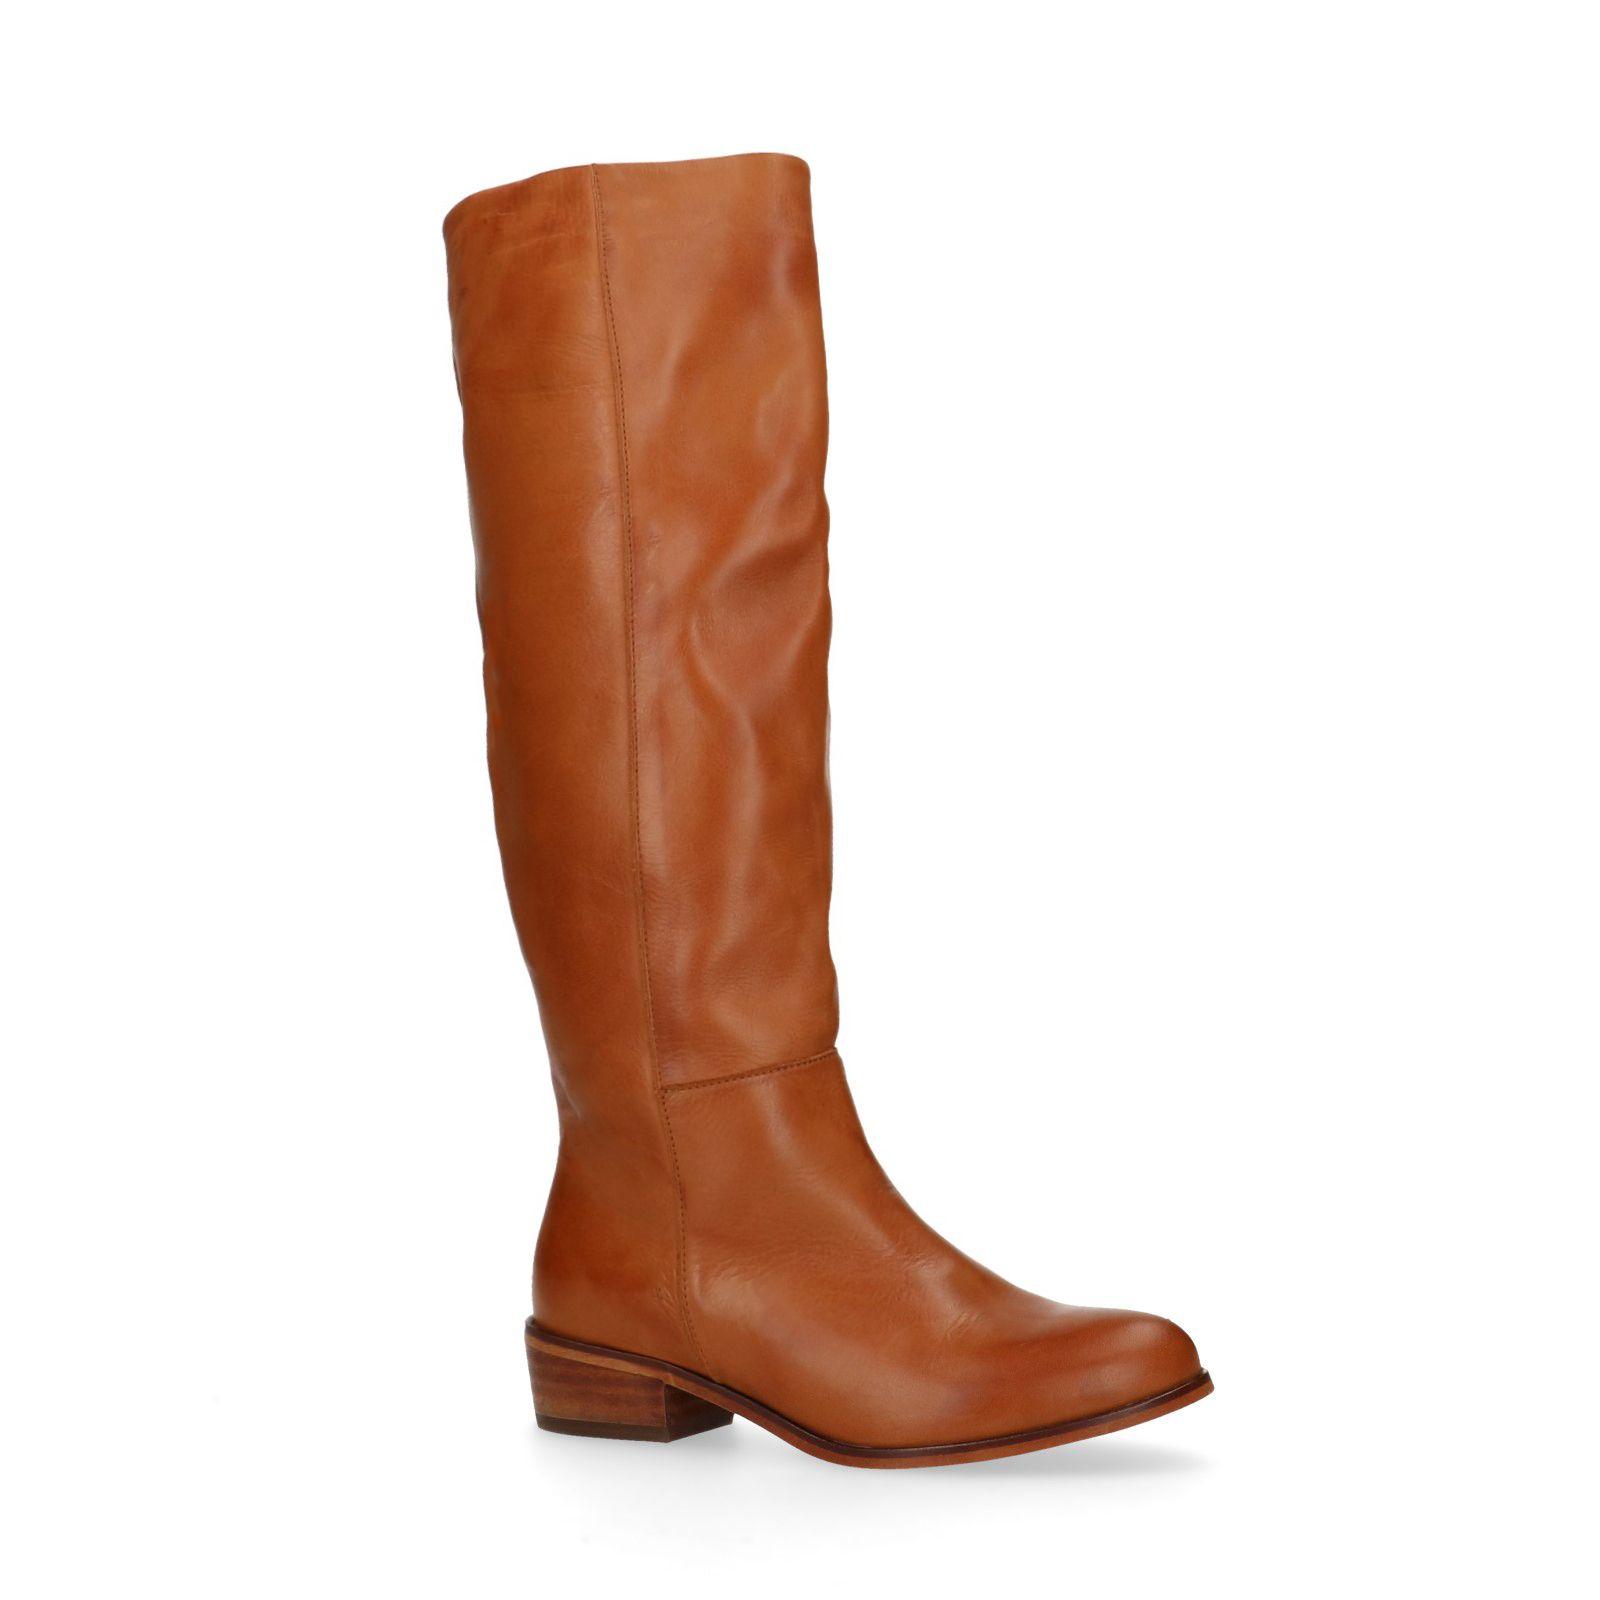 Cognac hoge laarzen met lage hak Dames | MANFIELD